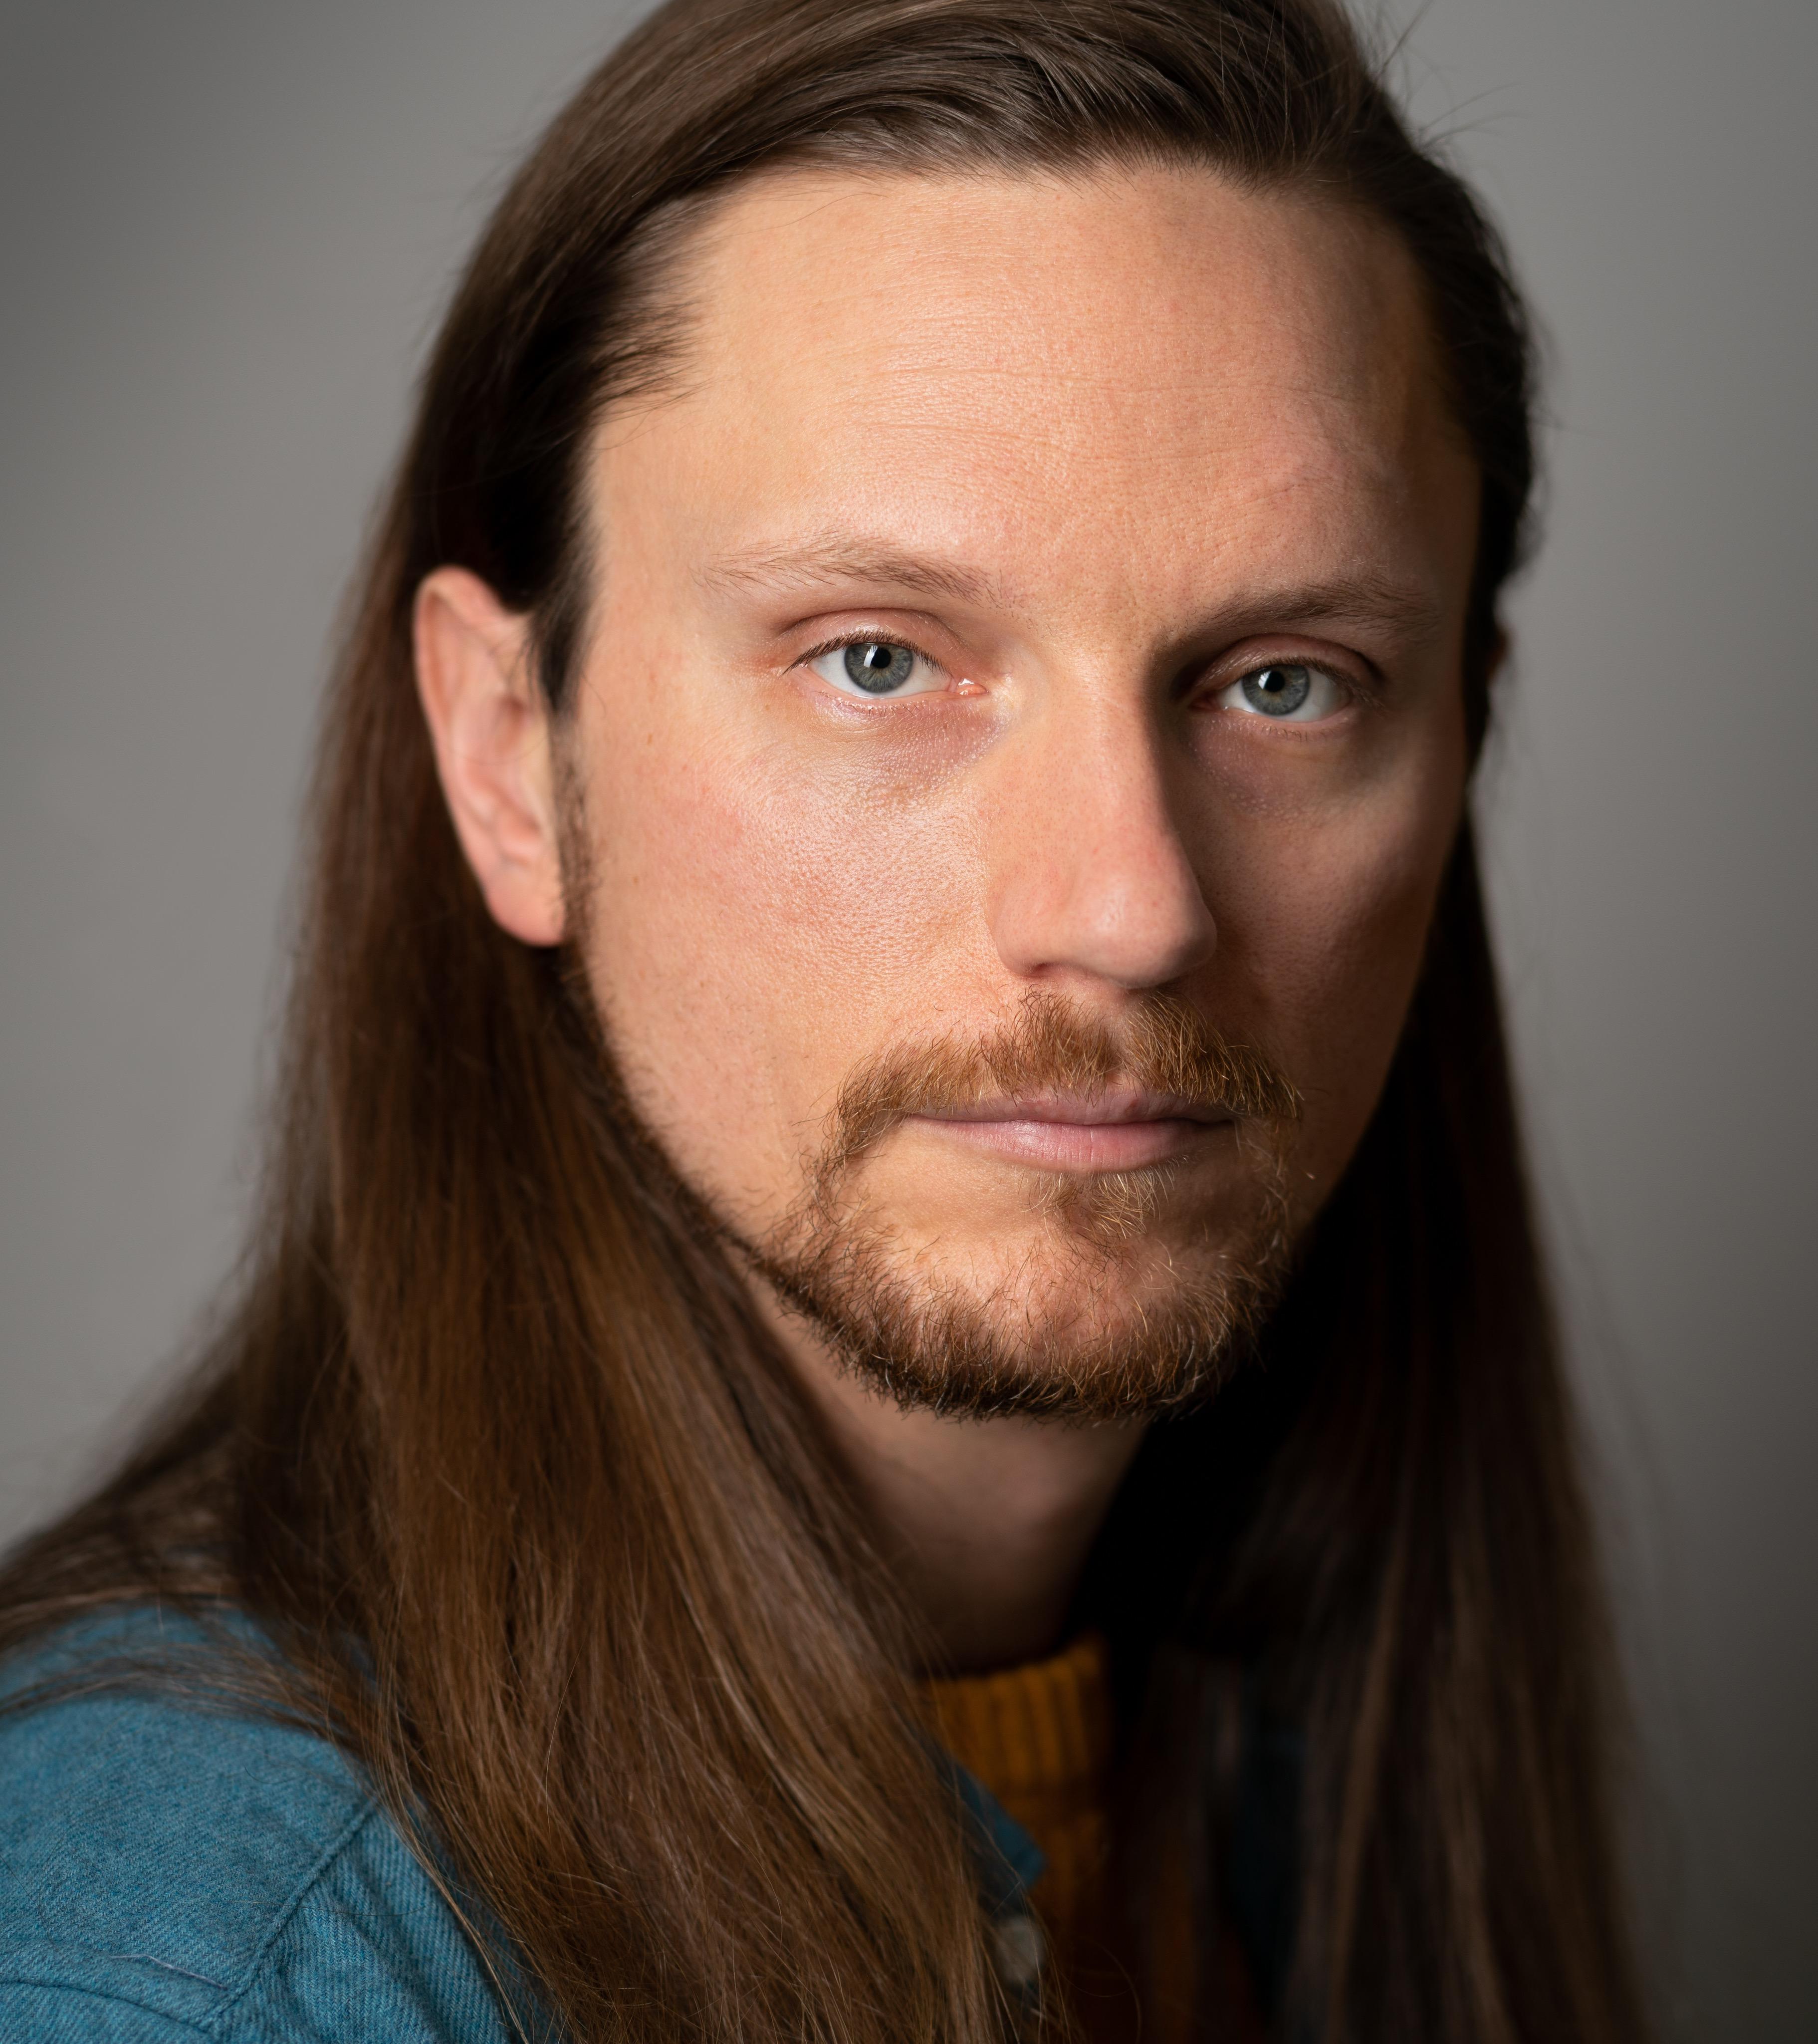 Joshua Mikel